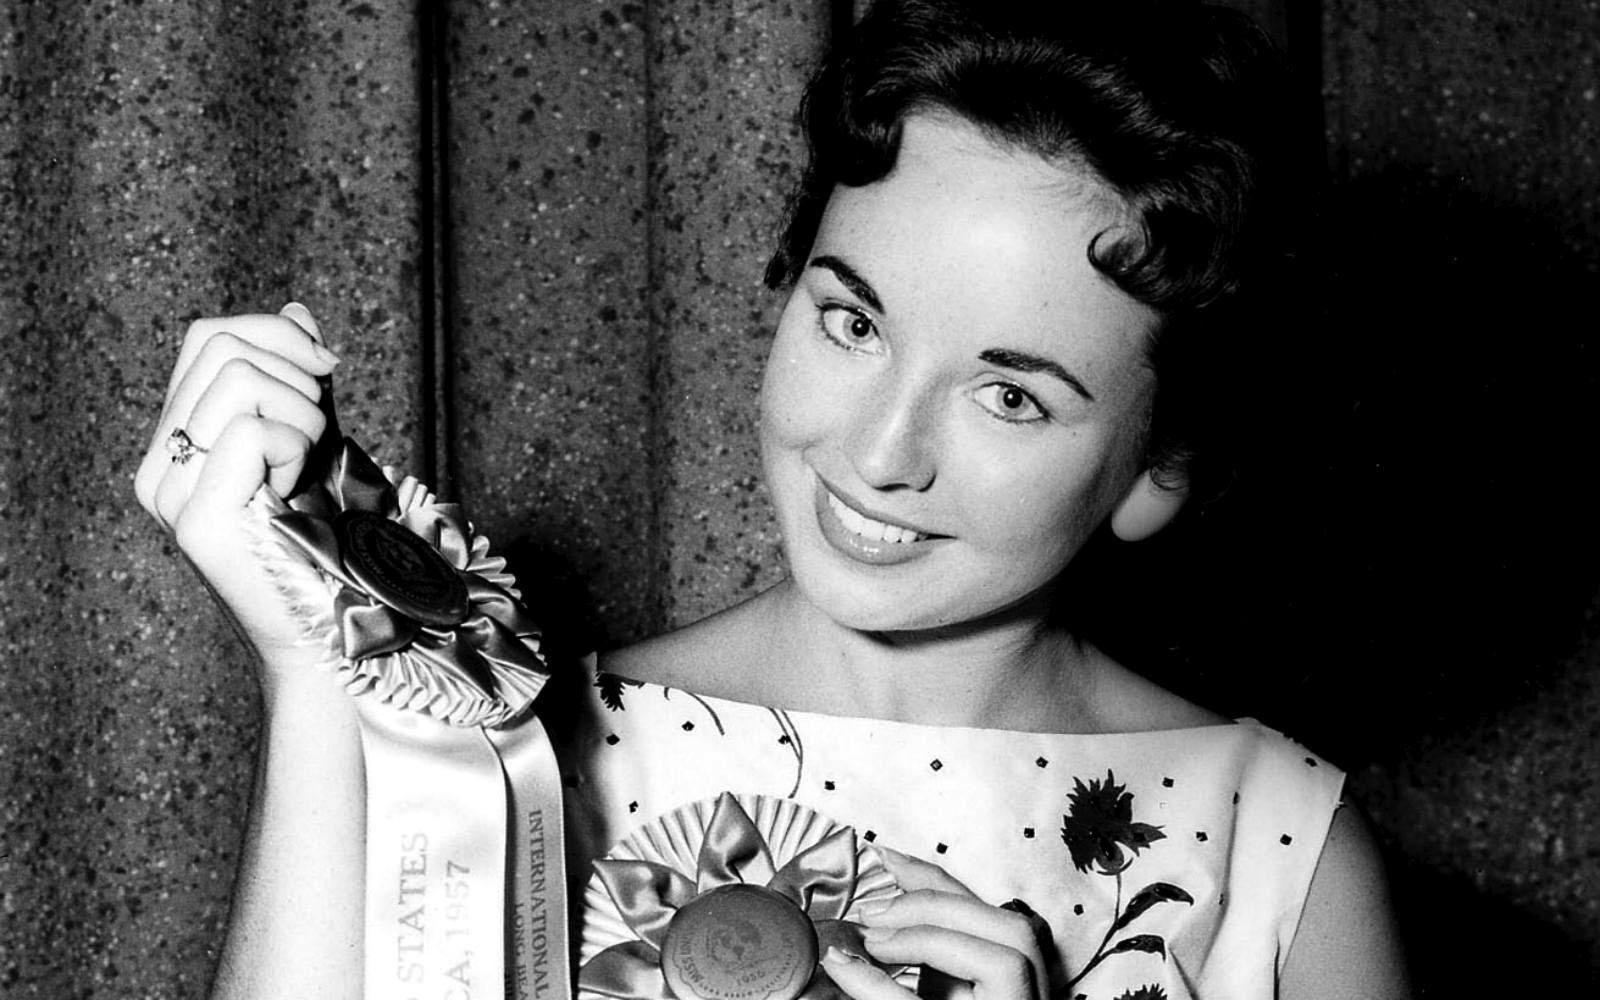 Кэрол Моррис - мисс вселенная 1956 года.